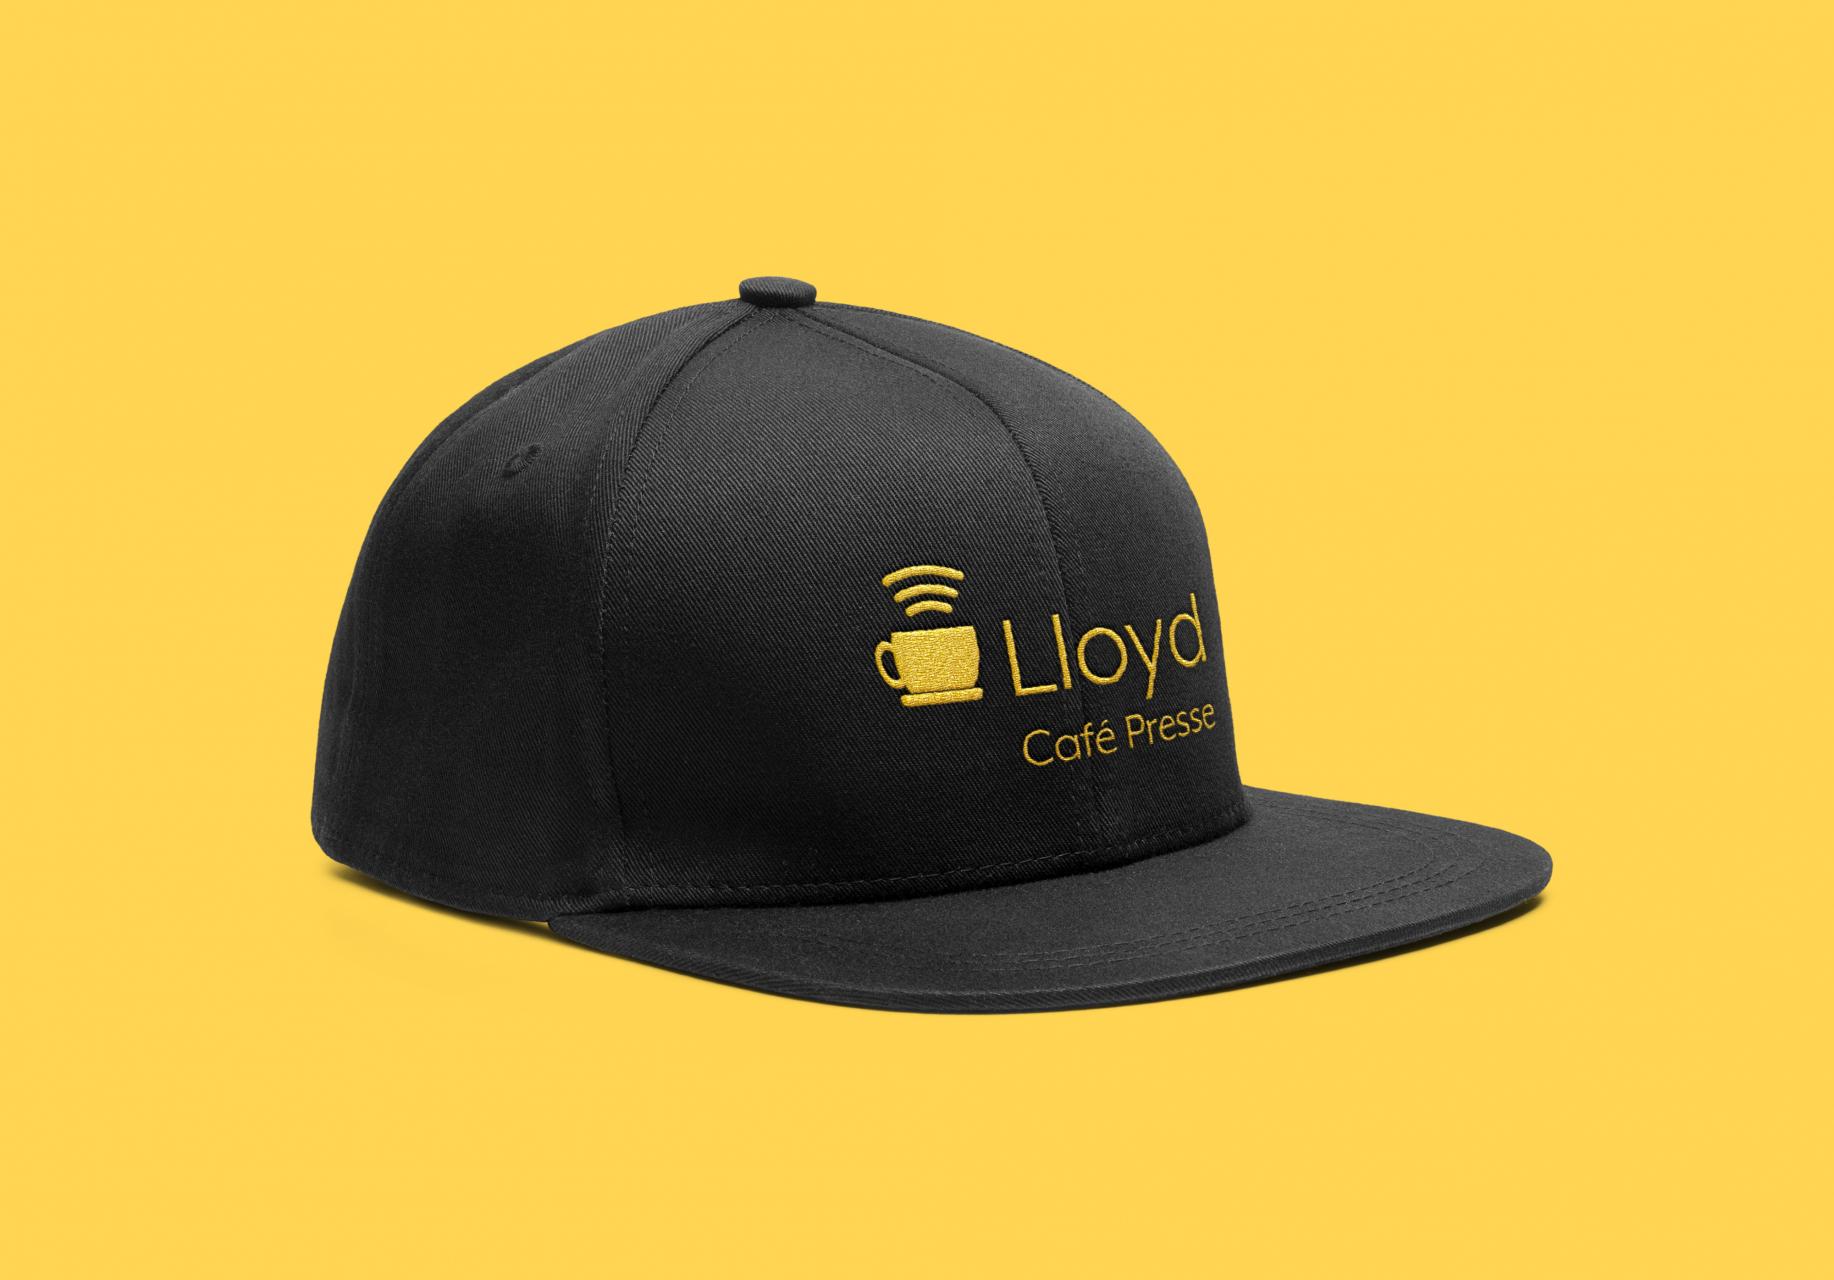 Lloyd_cap